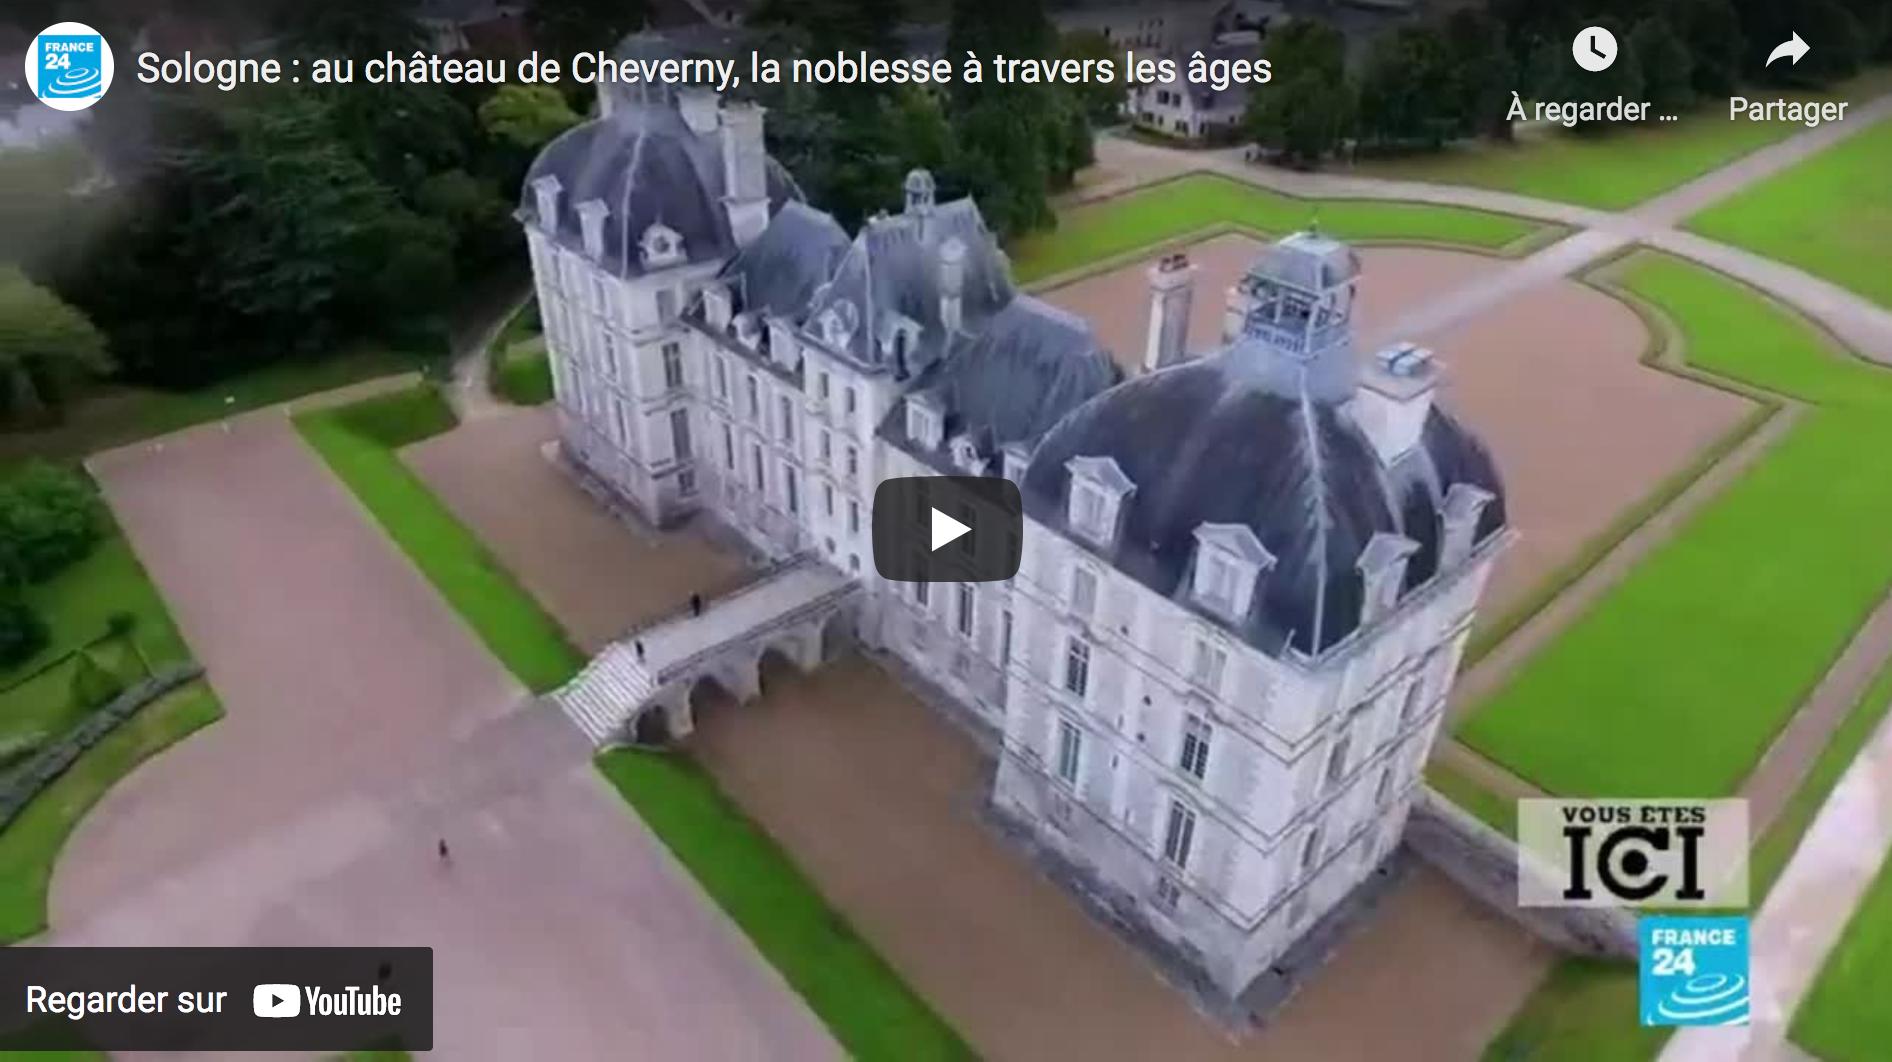 Sologne : Au château de Cheverny, la noblesse à travers les âges (VIDÉO)